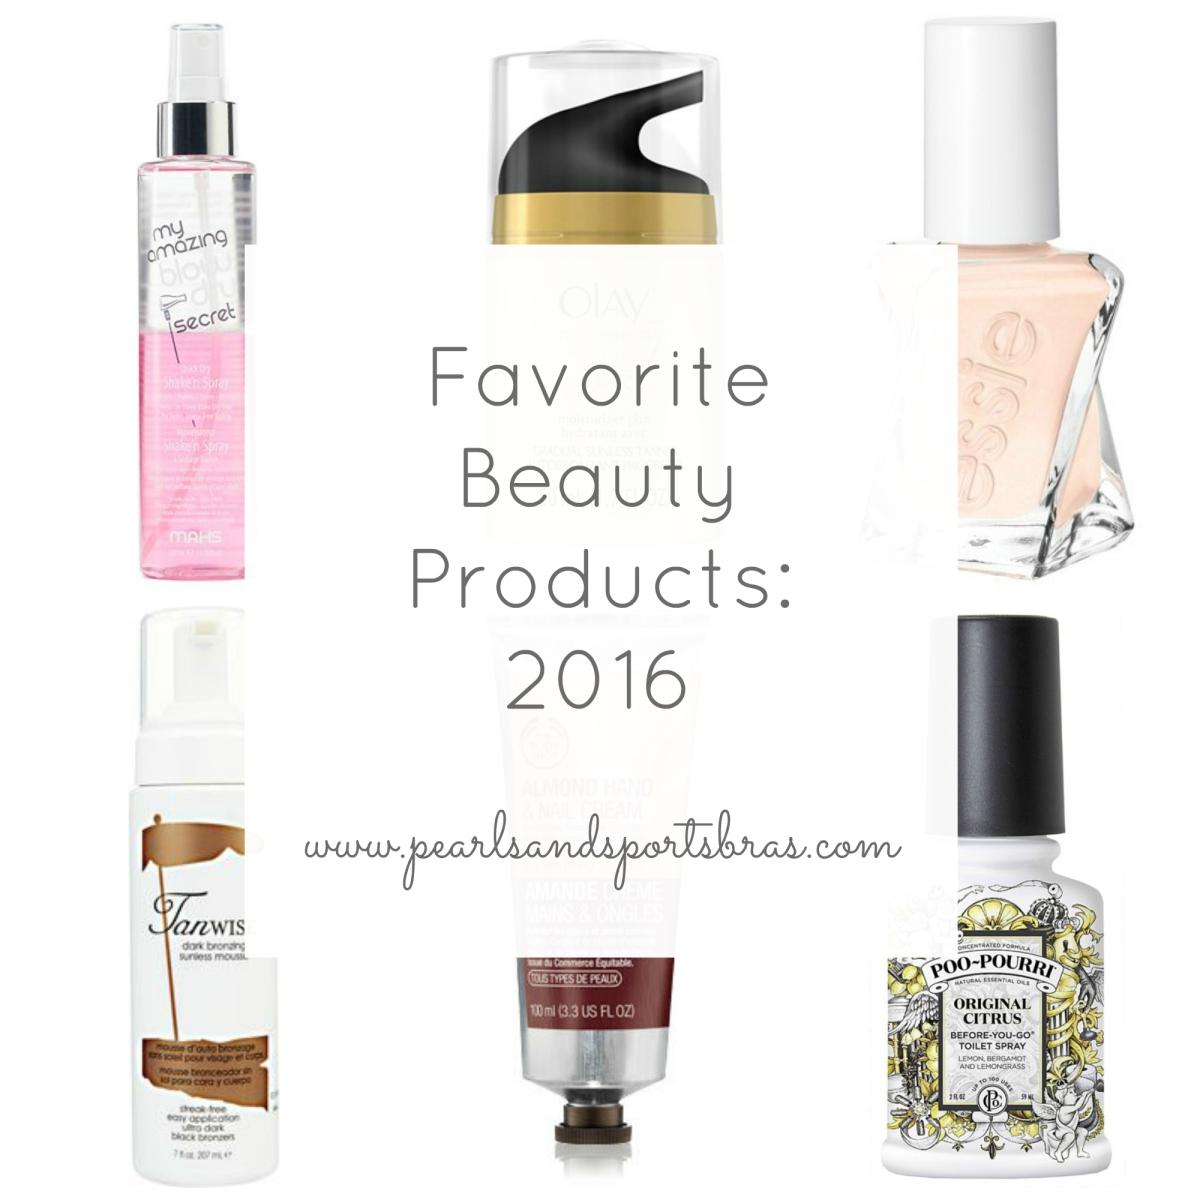 Favorite Beauty Products of 2016 |www.pearlsandsportsbras.com|